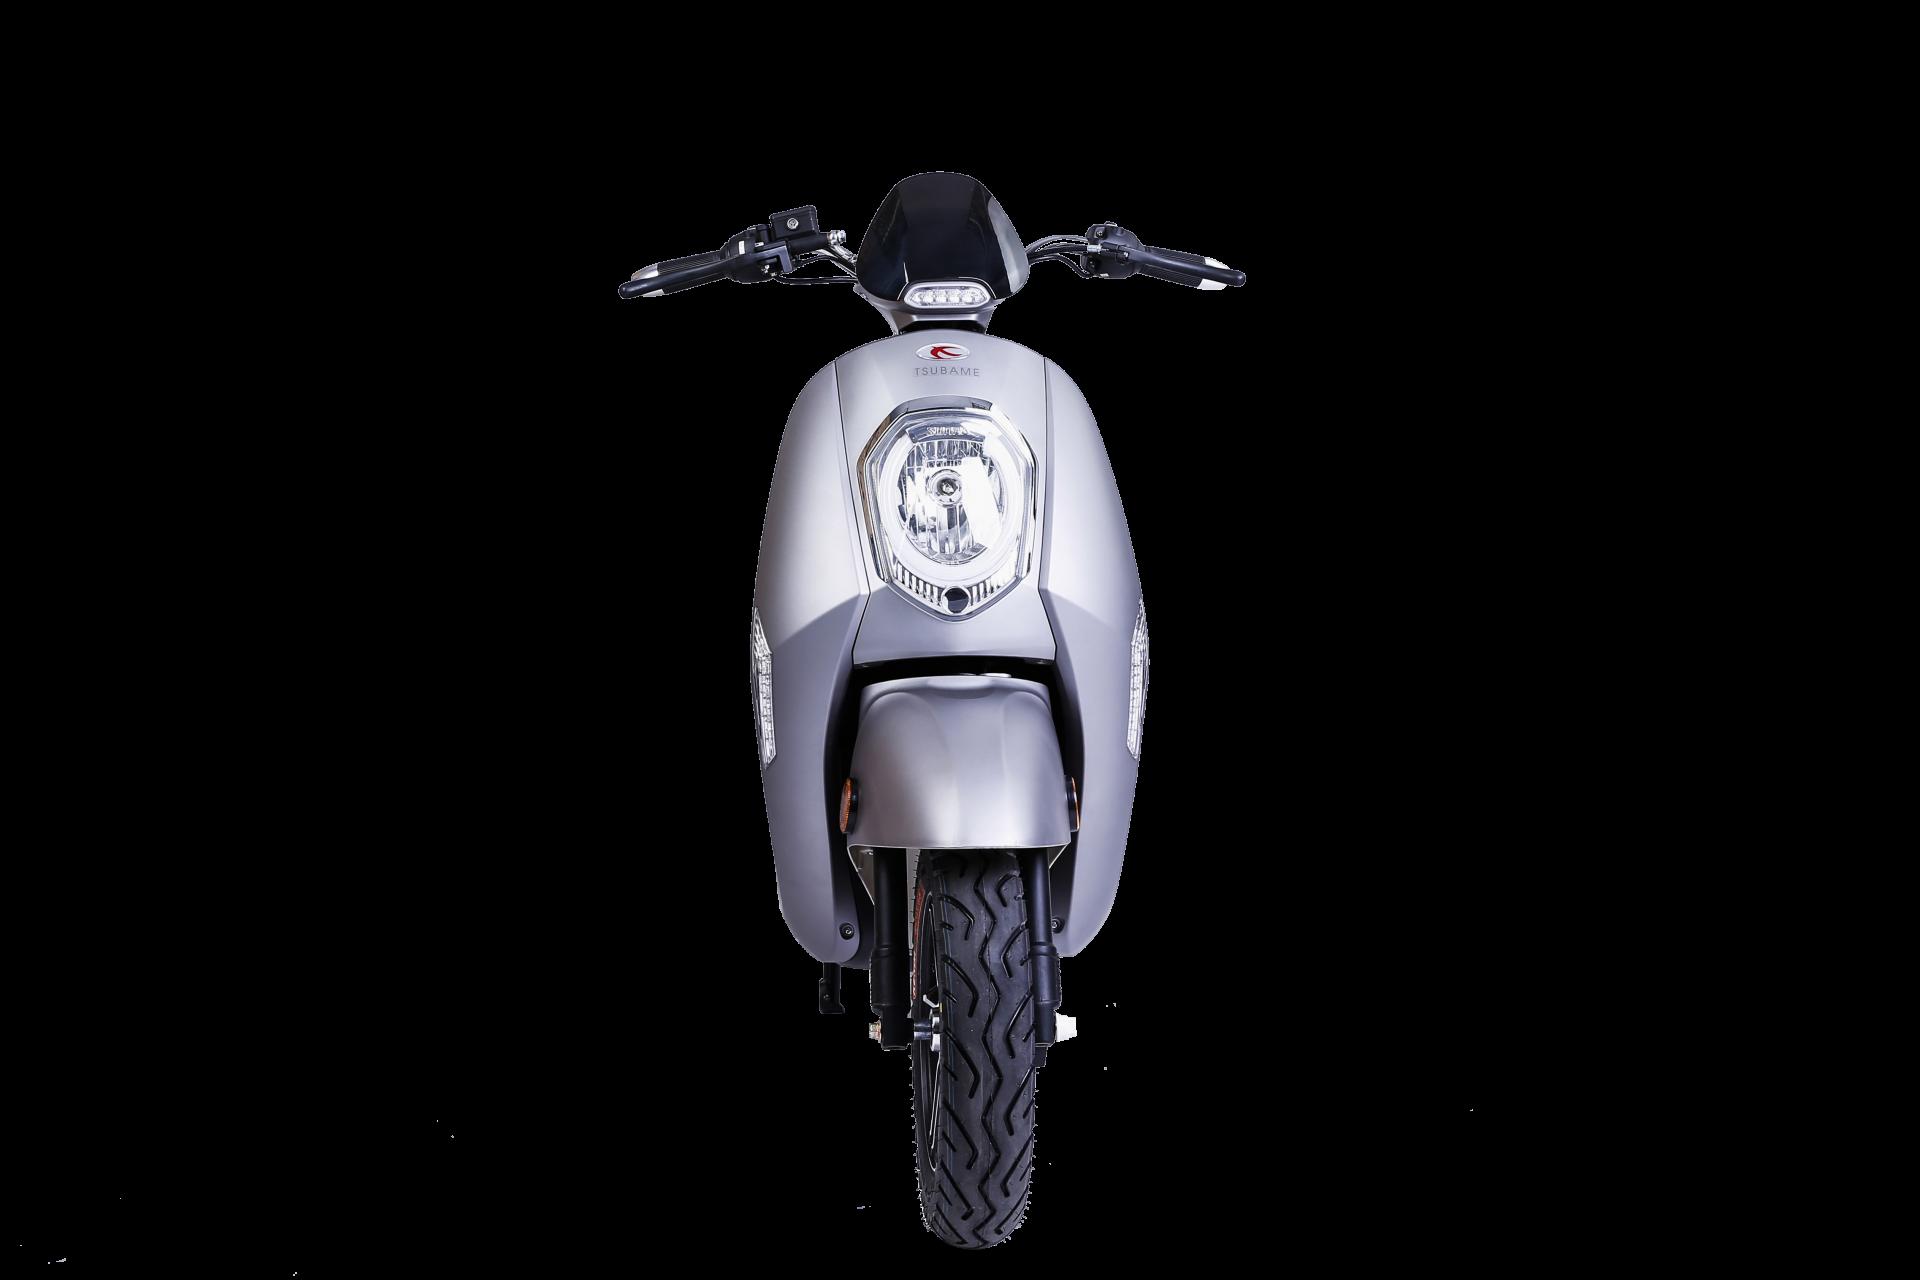 đèn pha xe máy điện tsubame Zennex